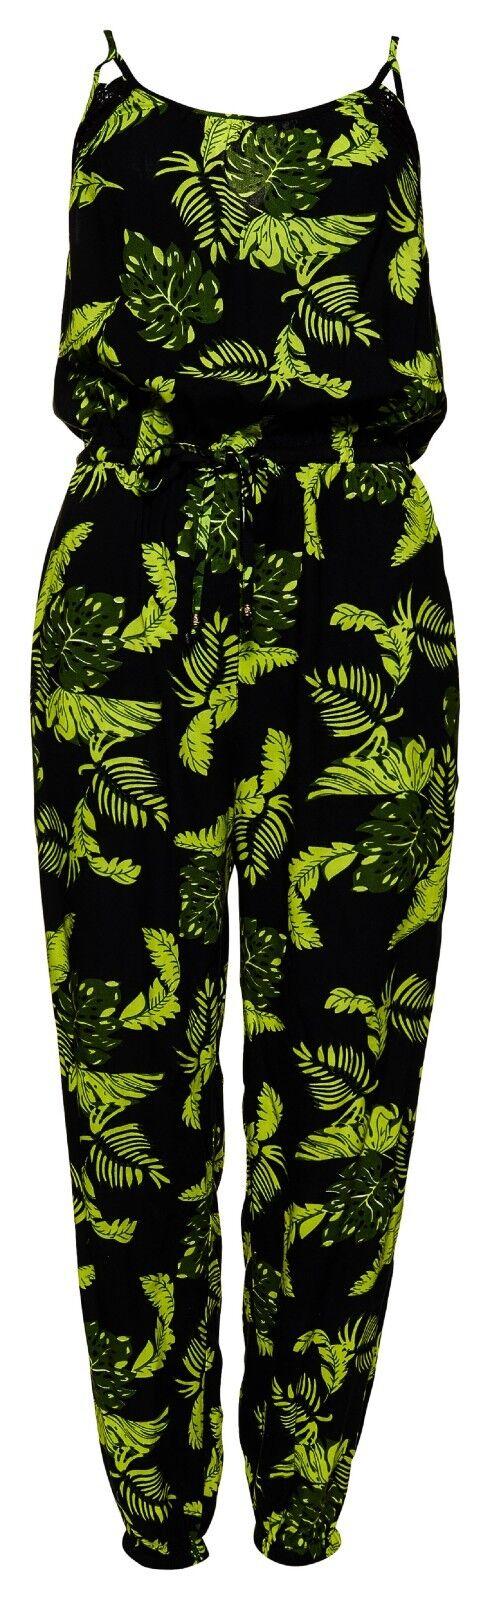 SUPERDRY  LAYNE TROPICAL JUMPSUIT Tropical Foliage Jumpsuit